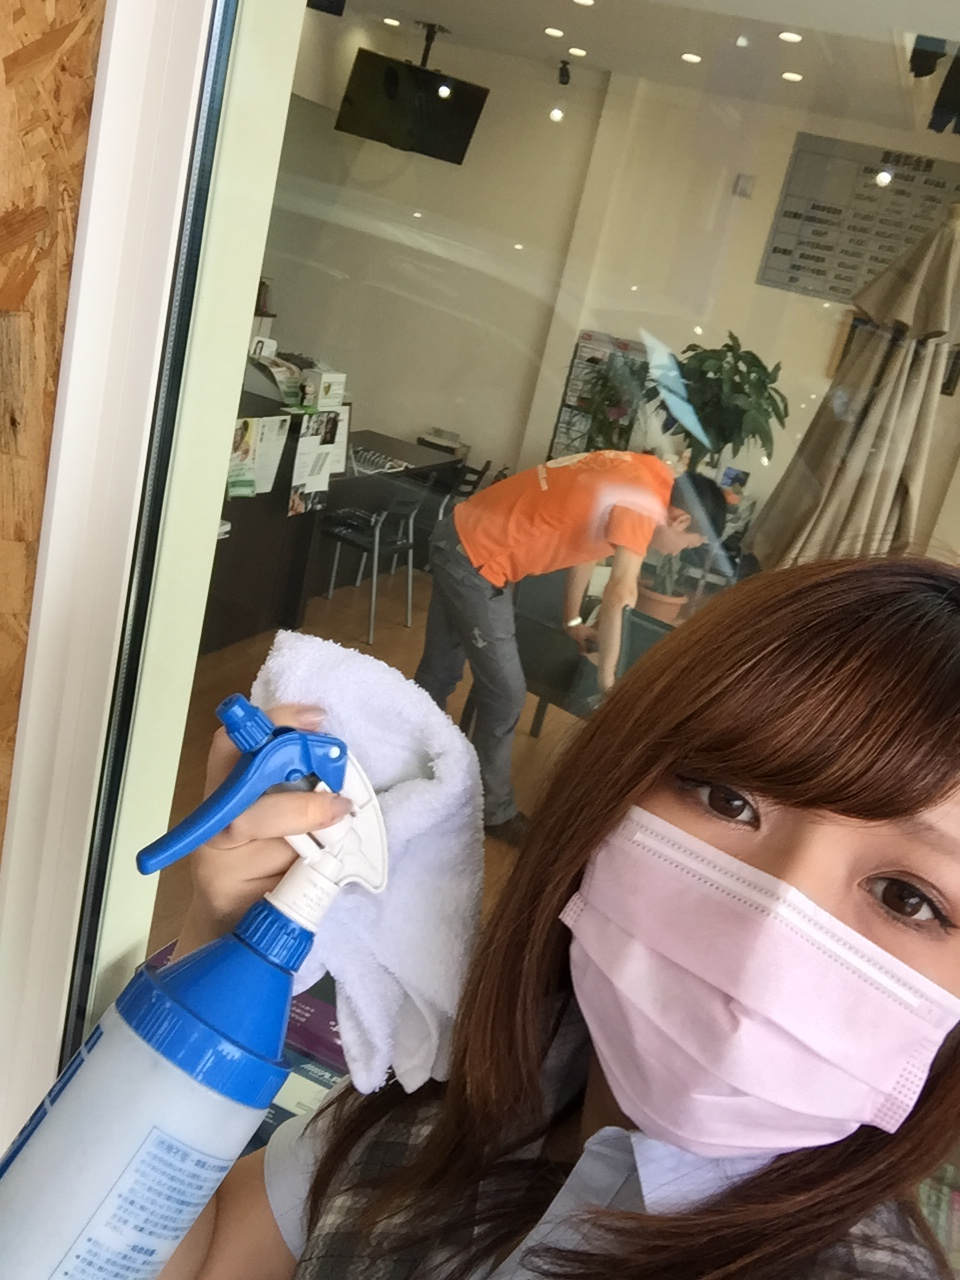 7月22日 金曜日の本店はみんなでブログ!◝(⁰▿⁰)◜ 夏休みのお出かけはTOMMYレンタカー♫_b0127002_1715437.jpg